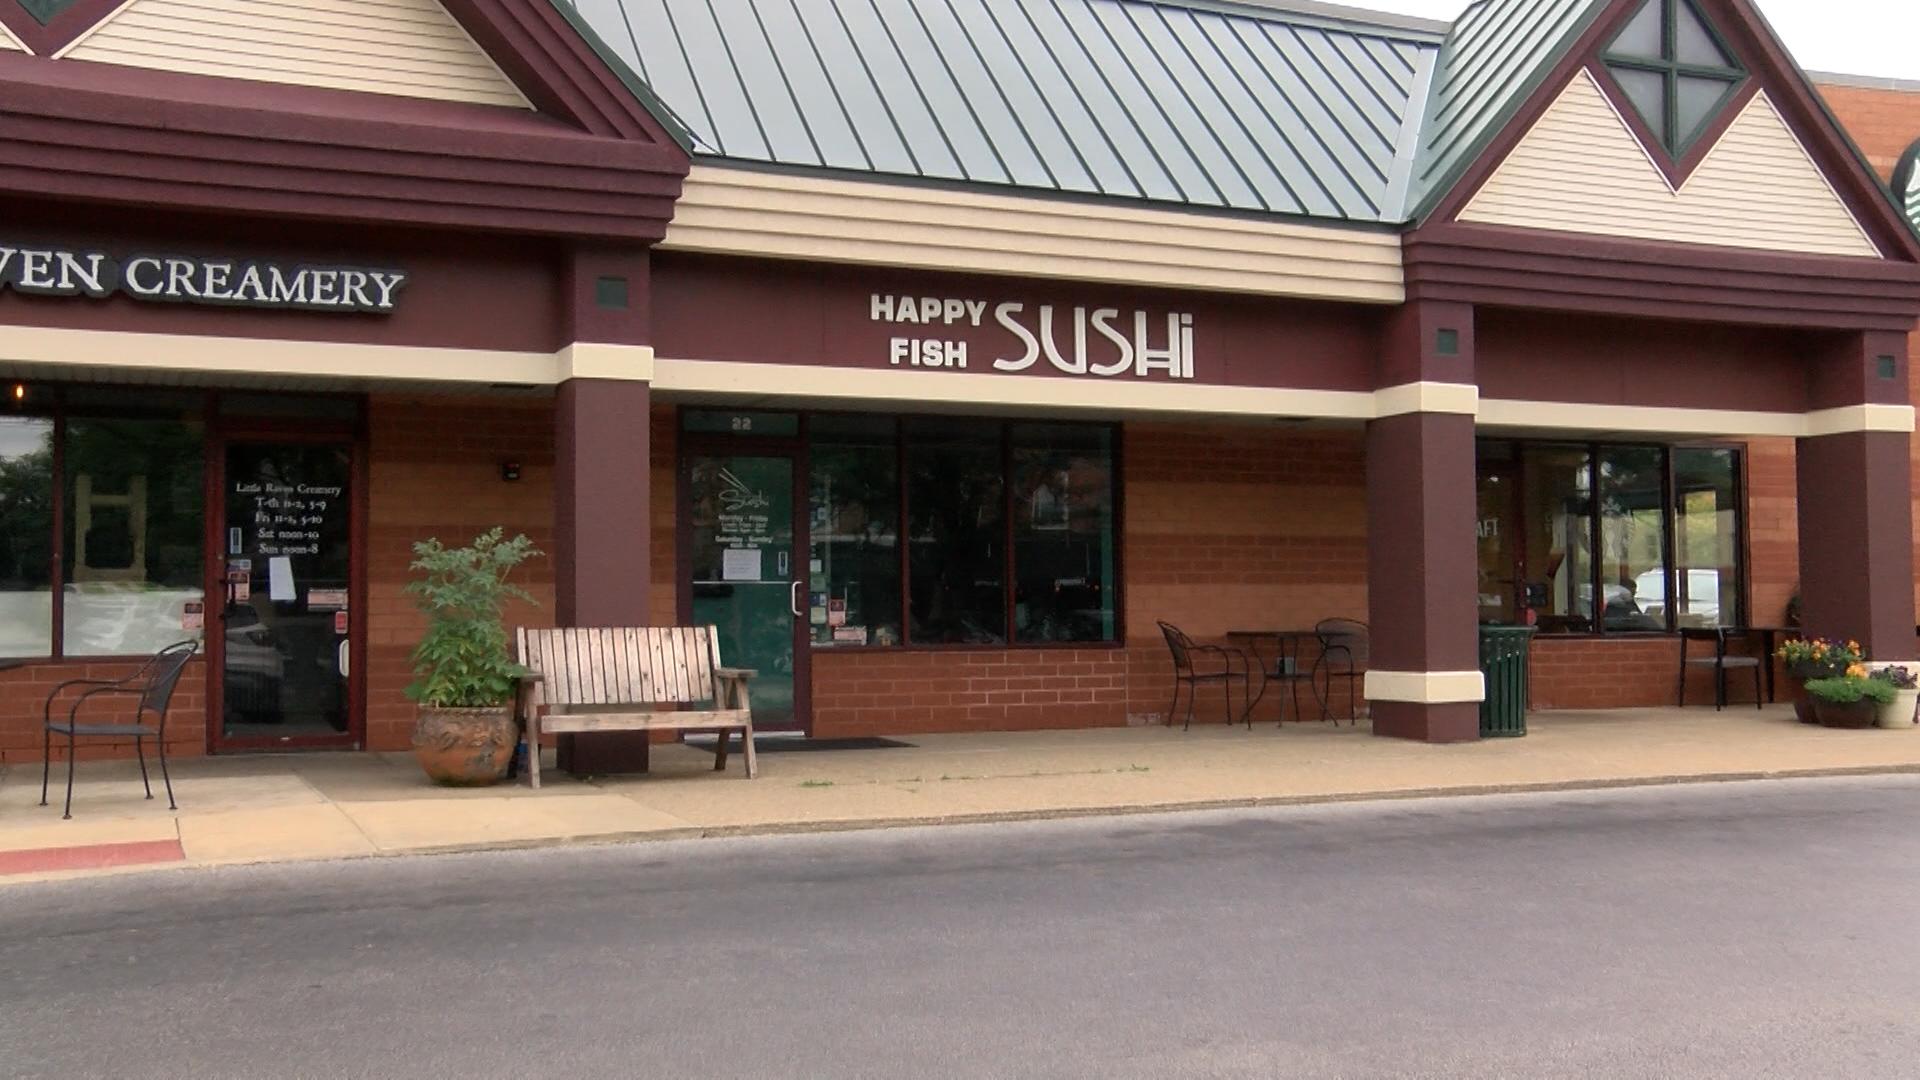 Happy Fish Sushi_1529793185619.jpg.jpg